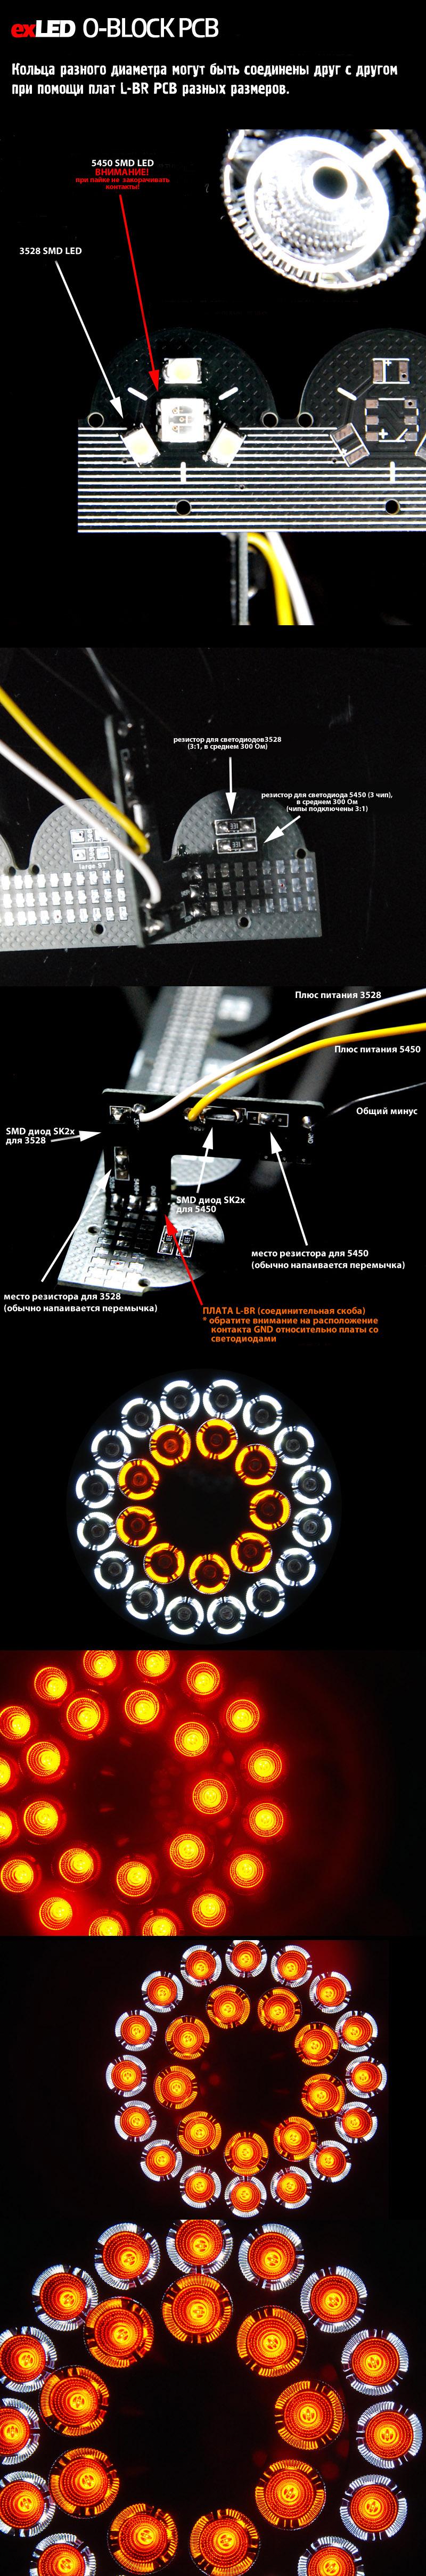 Плата O-BLOCK D-24 circle PCB 80mm